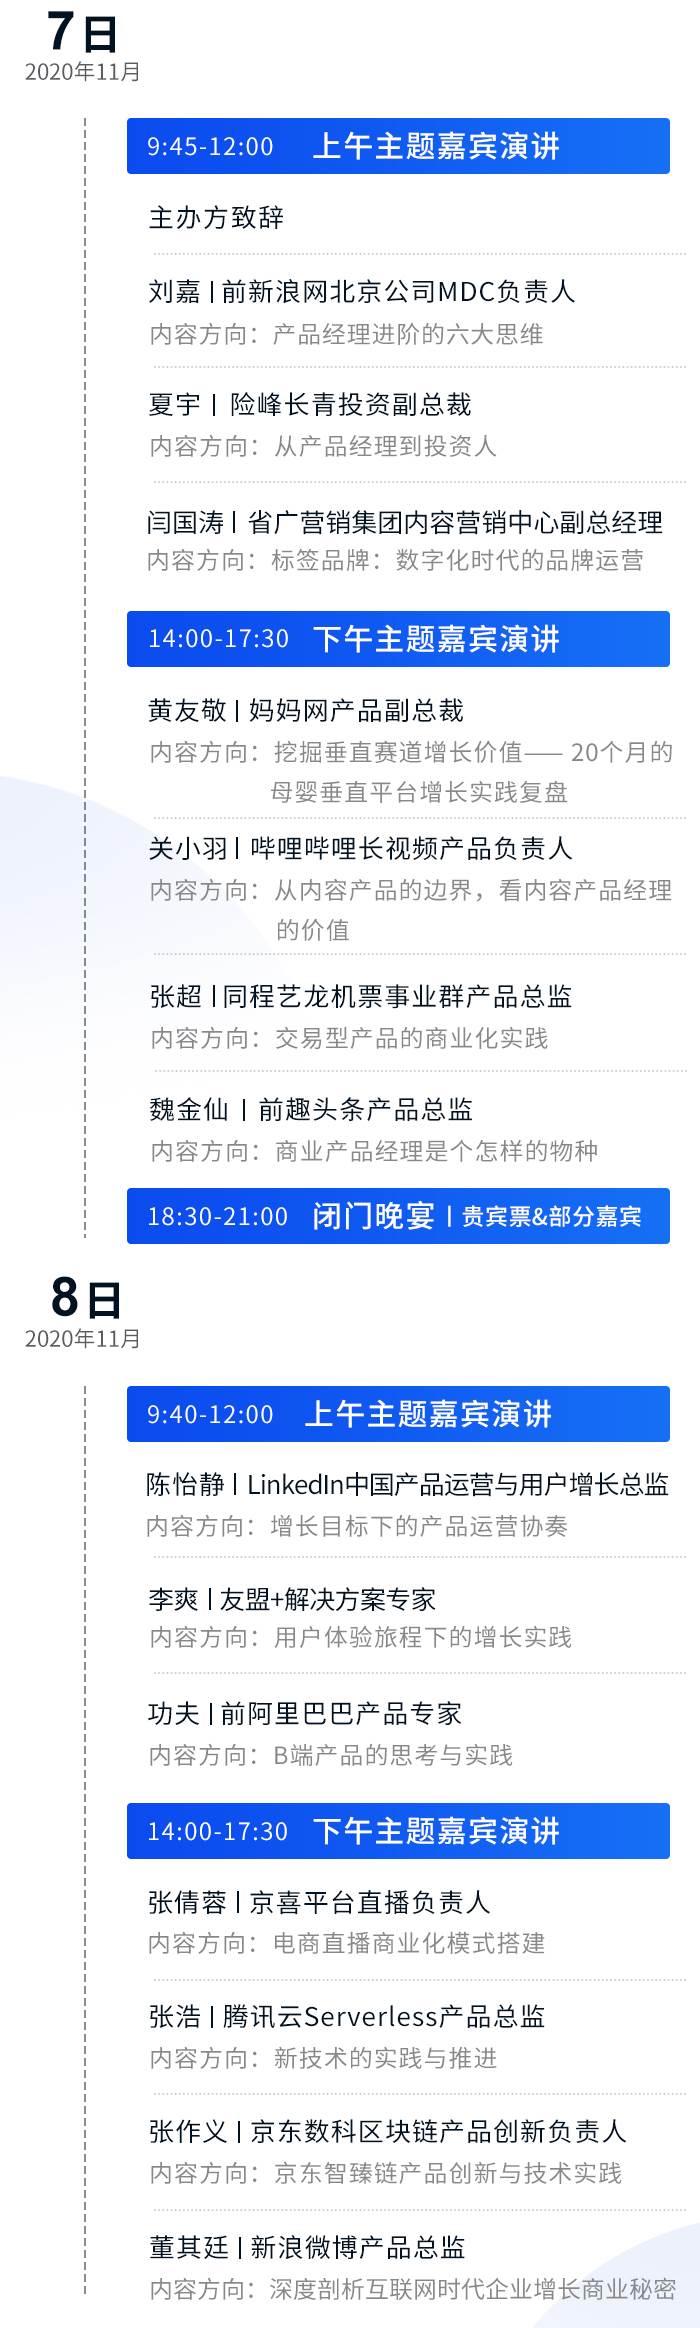 大会议程长图(1)_02.jpg